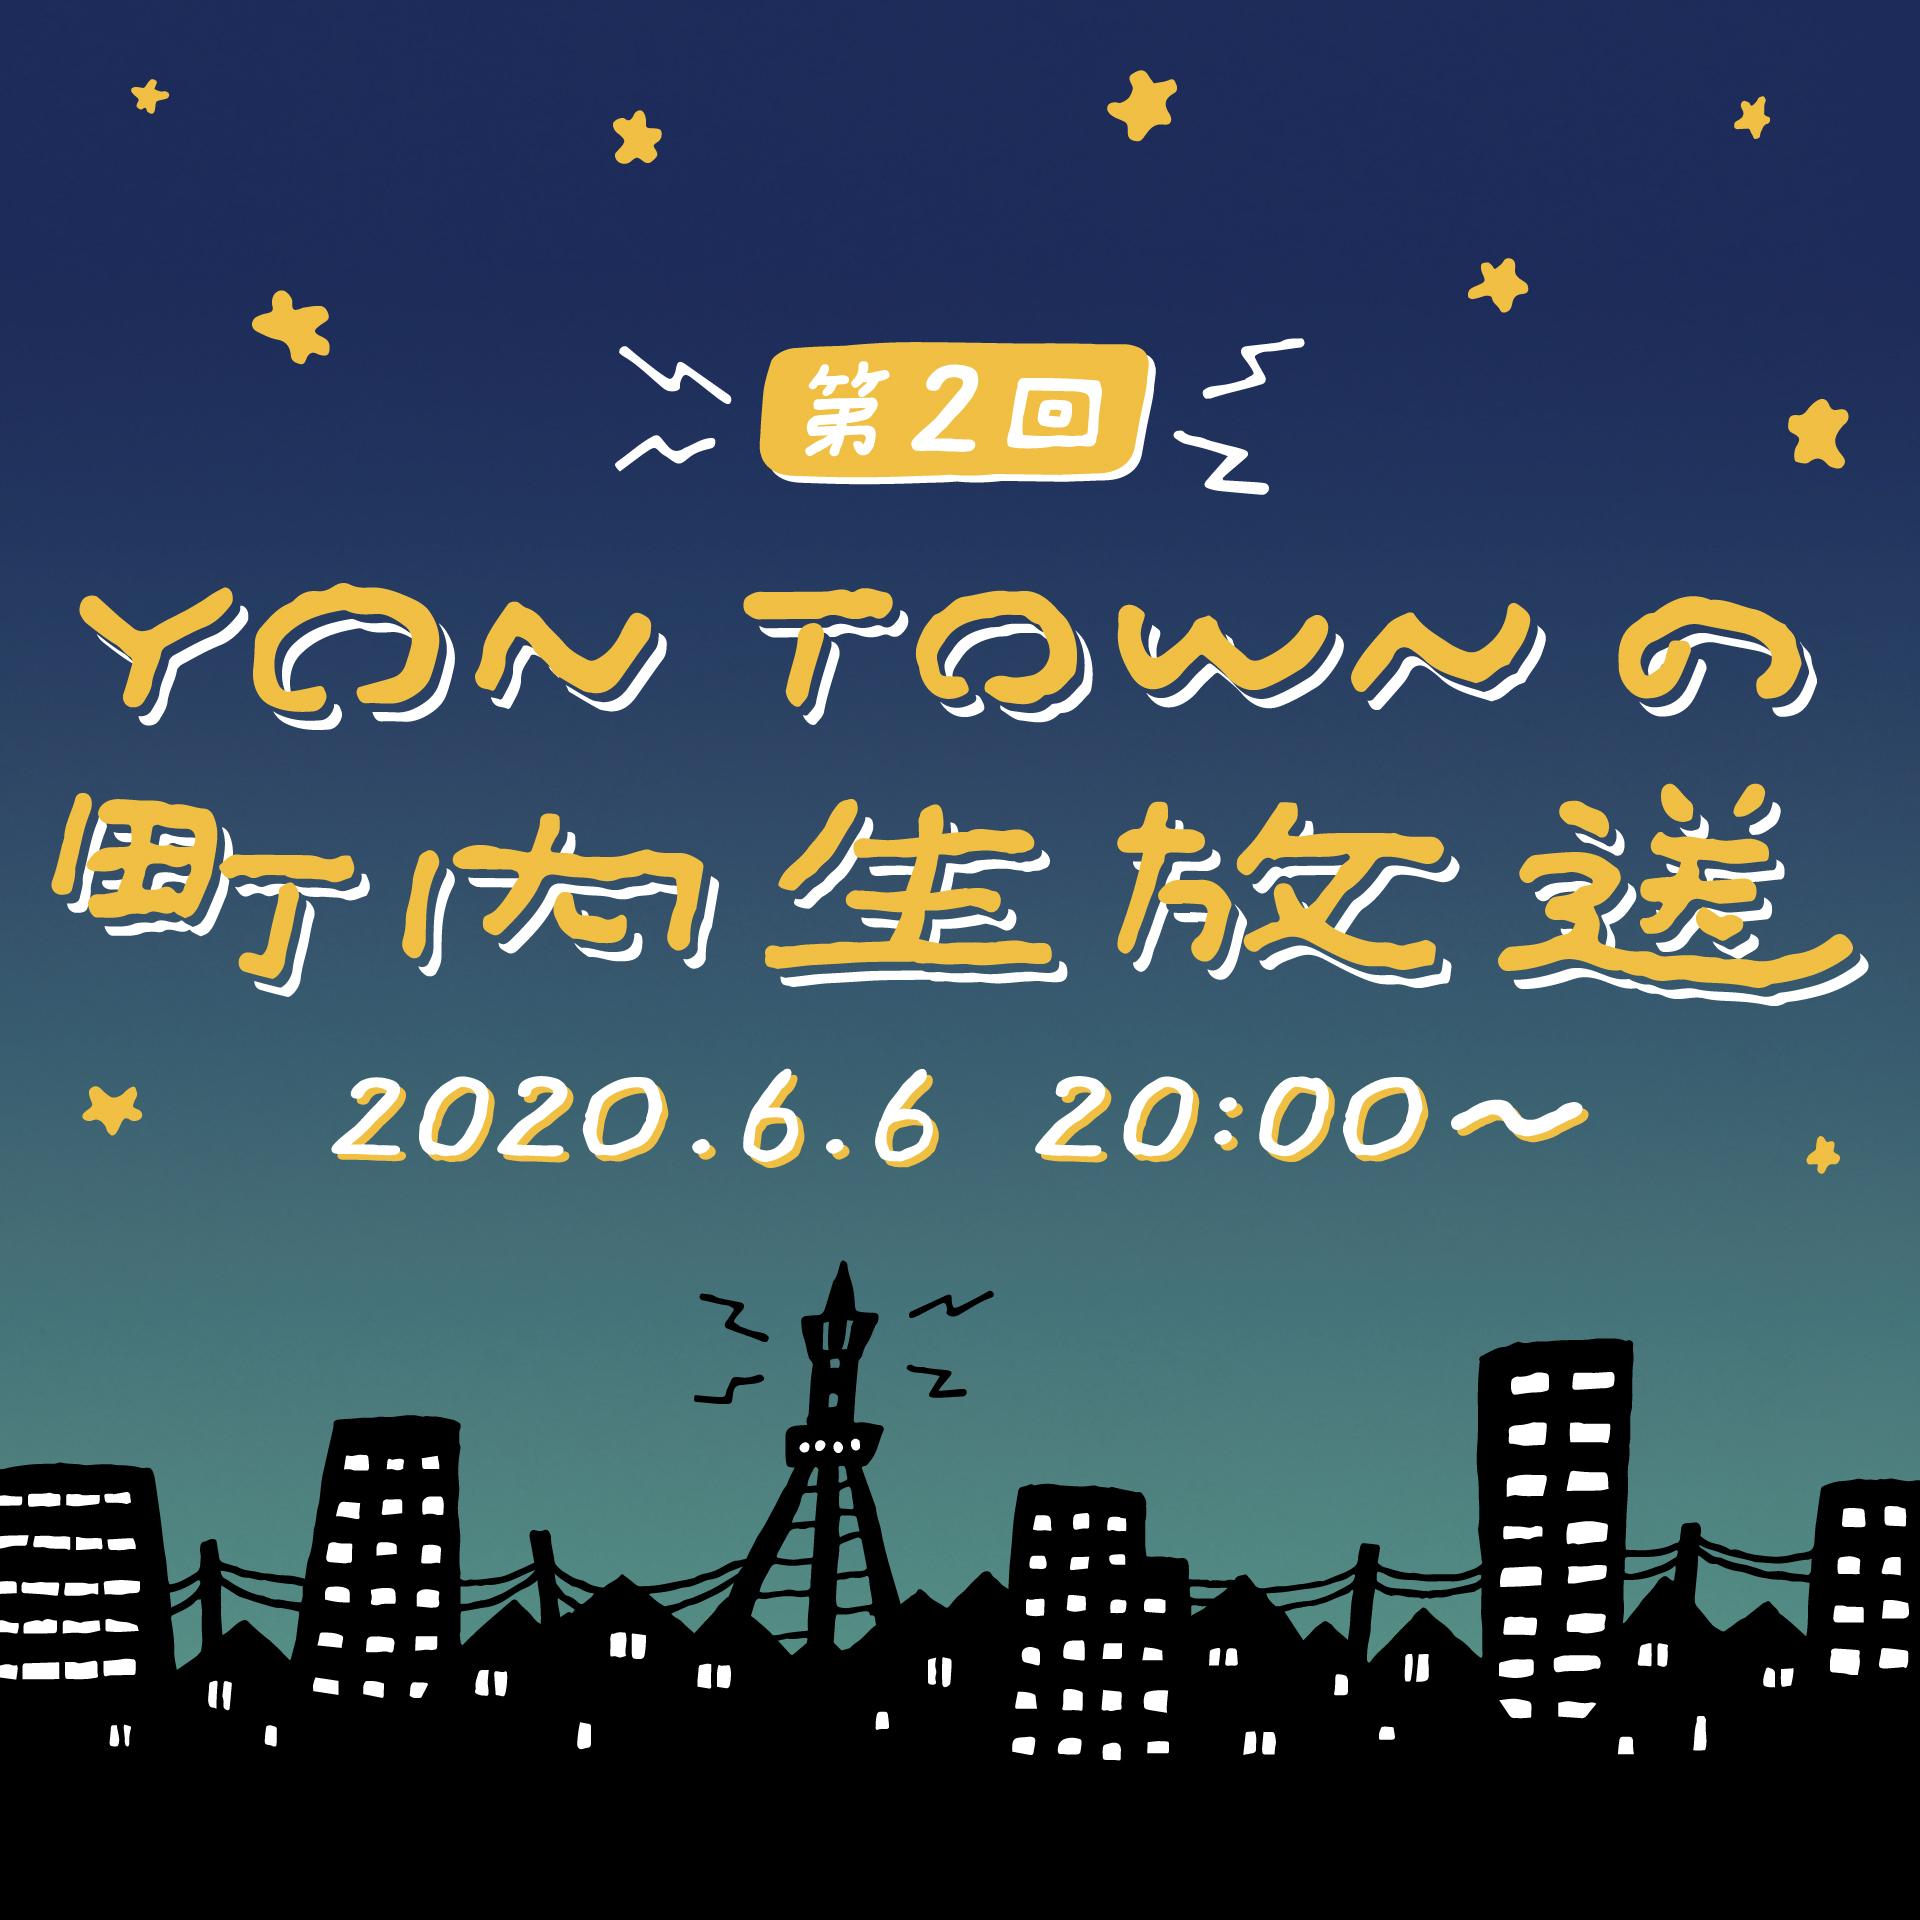 YON TOWN!生配信決定!